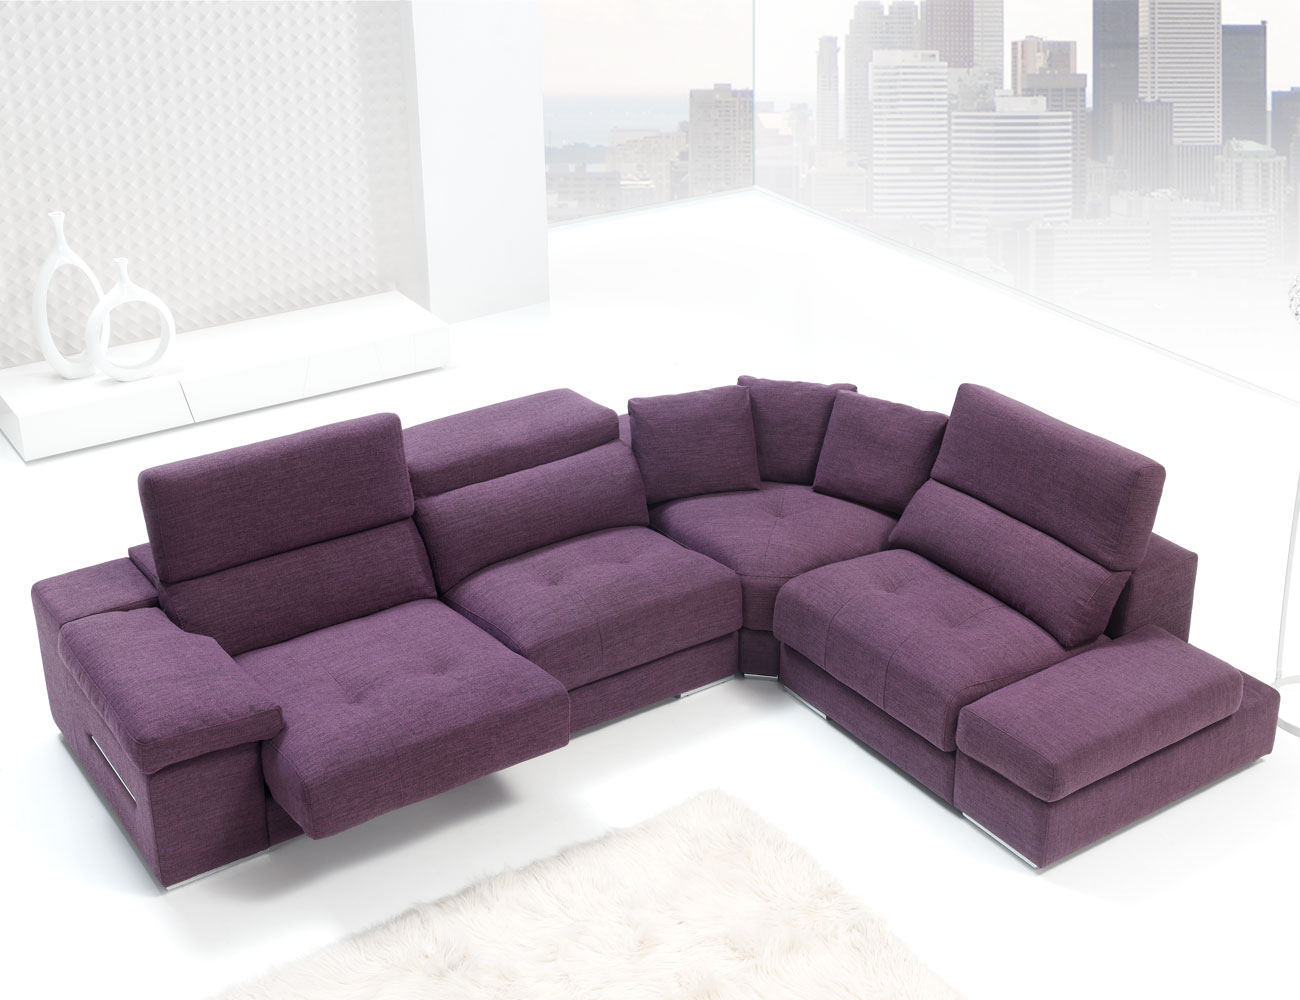 Sofa chaiselongue rincon con brazo mecanico tejido anti manchas 271